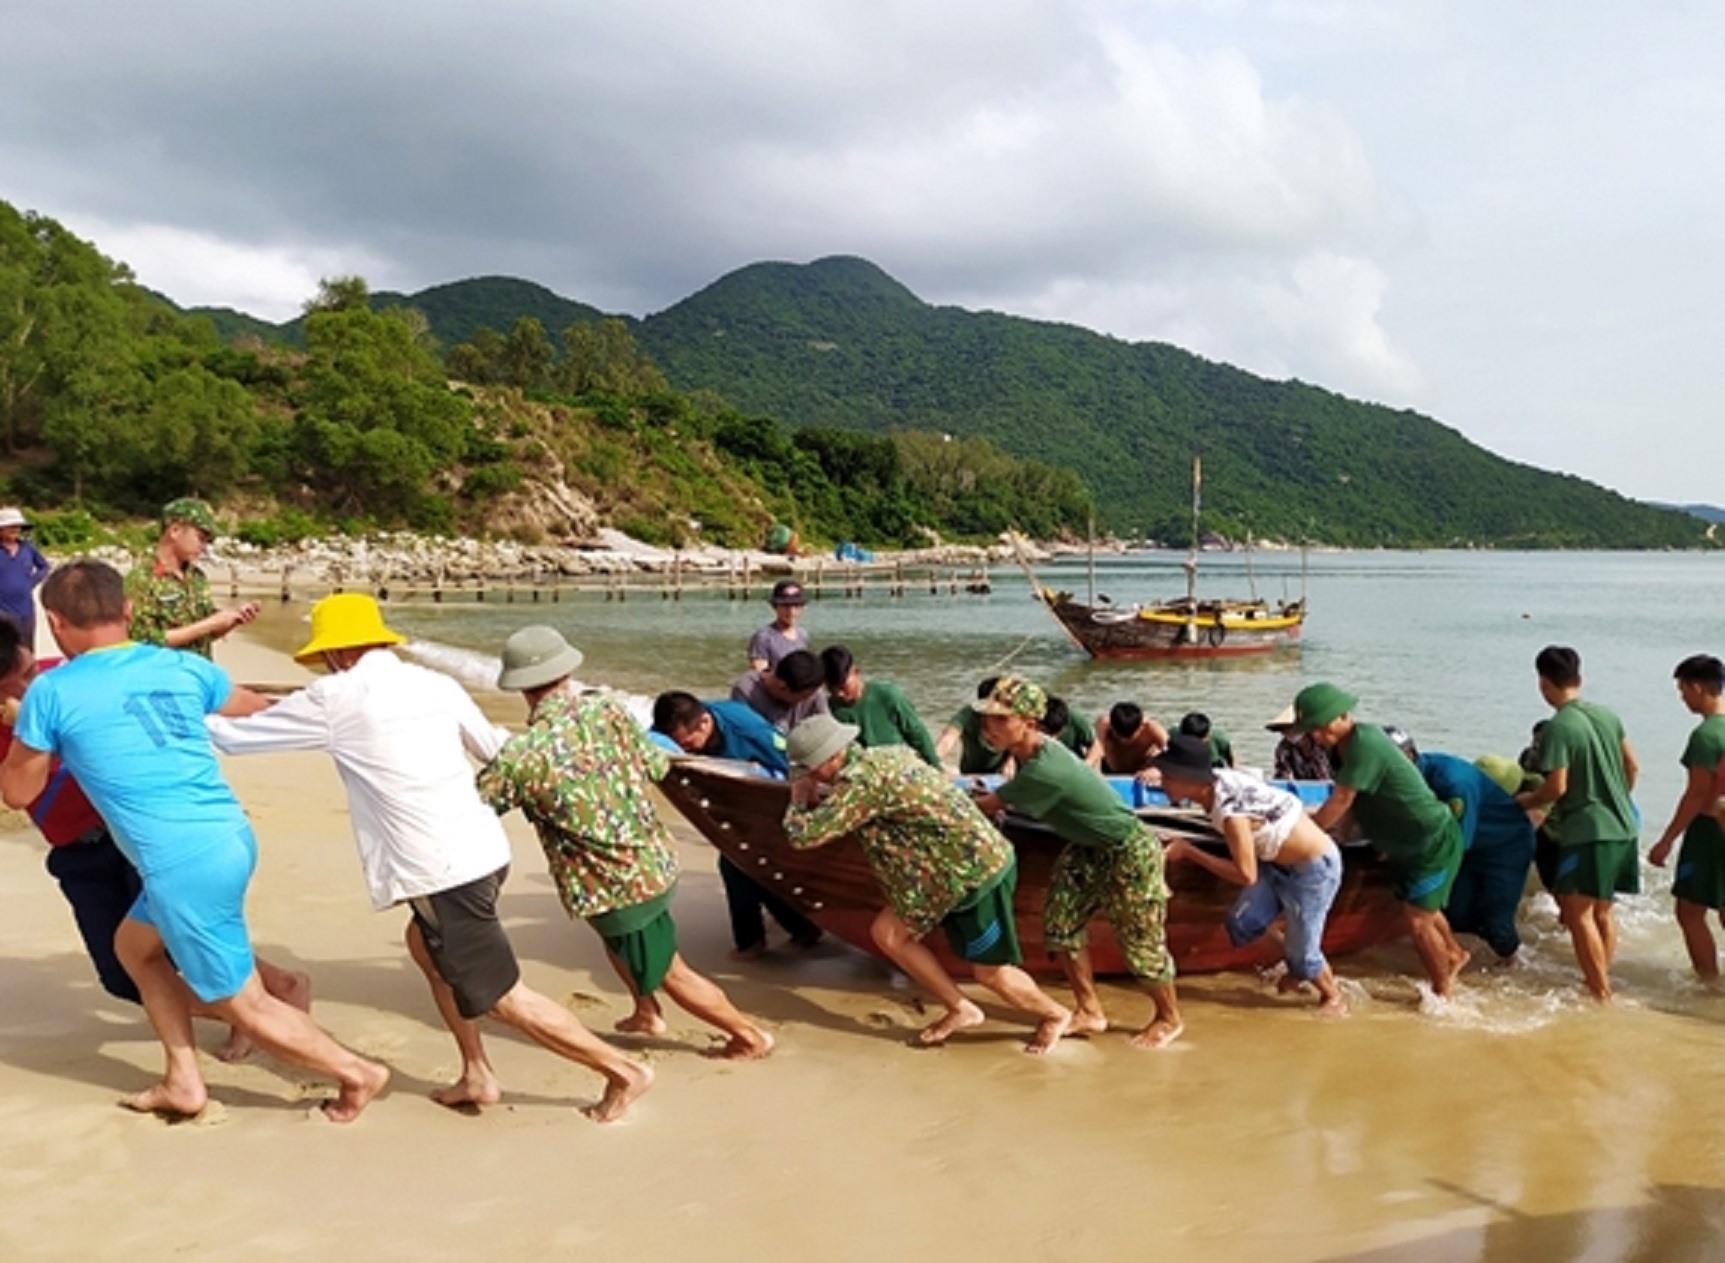 Cán bộ, chiến sĩ Tiểu đoàn hỗn hợp 70 giúp dân di chuyển thuyền đến vị trí an toàn. Ảnh: N.D